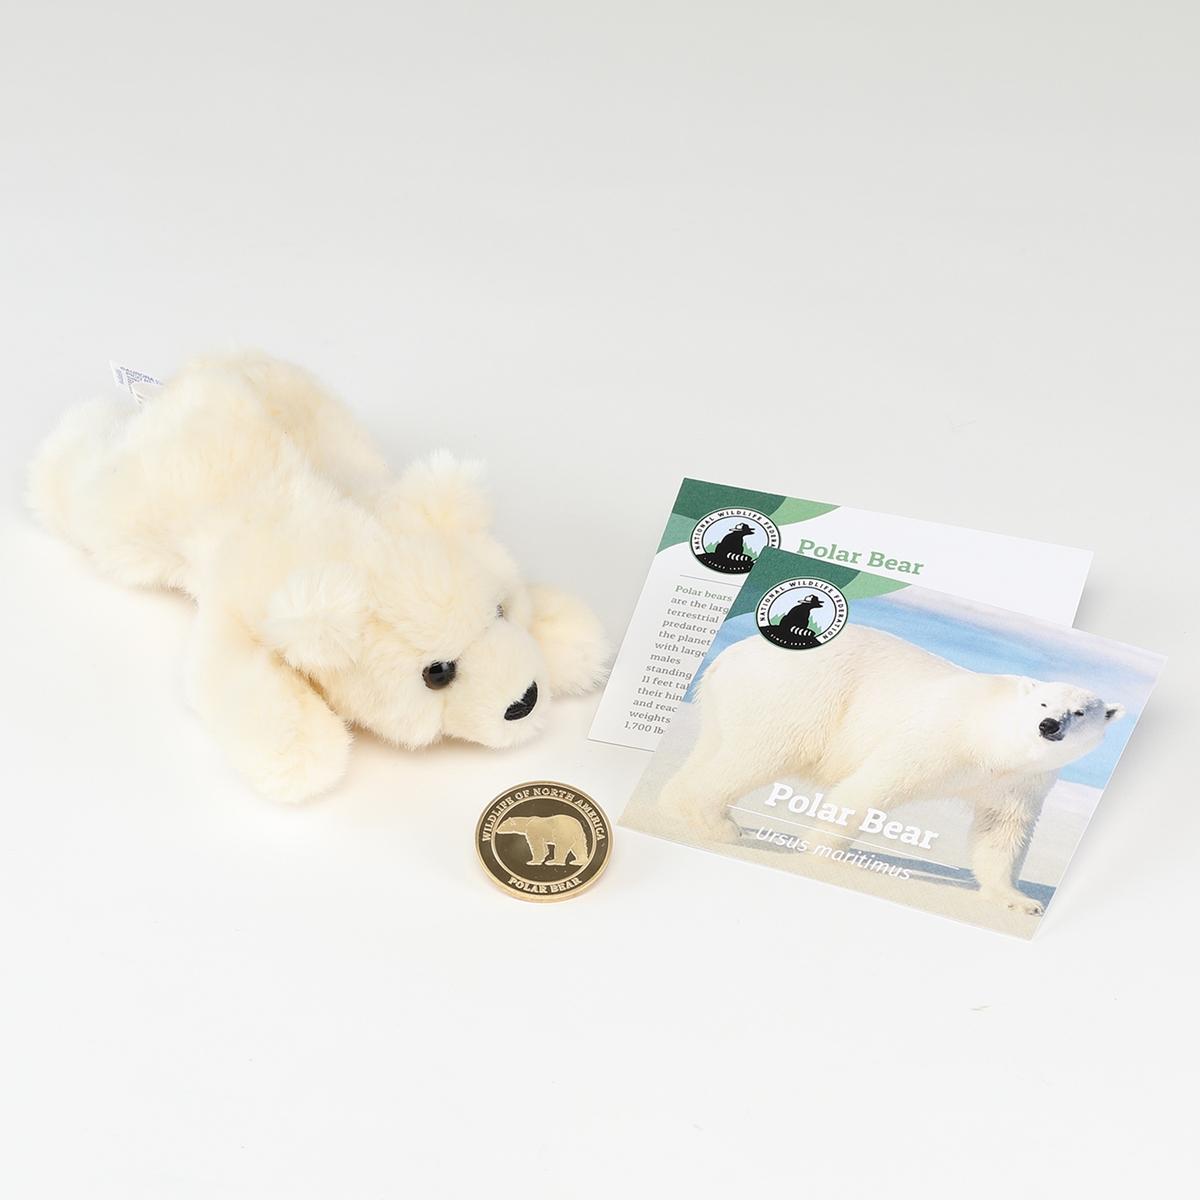 Polar Bear Collector Coin